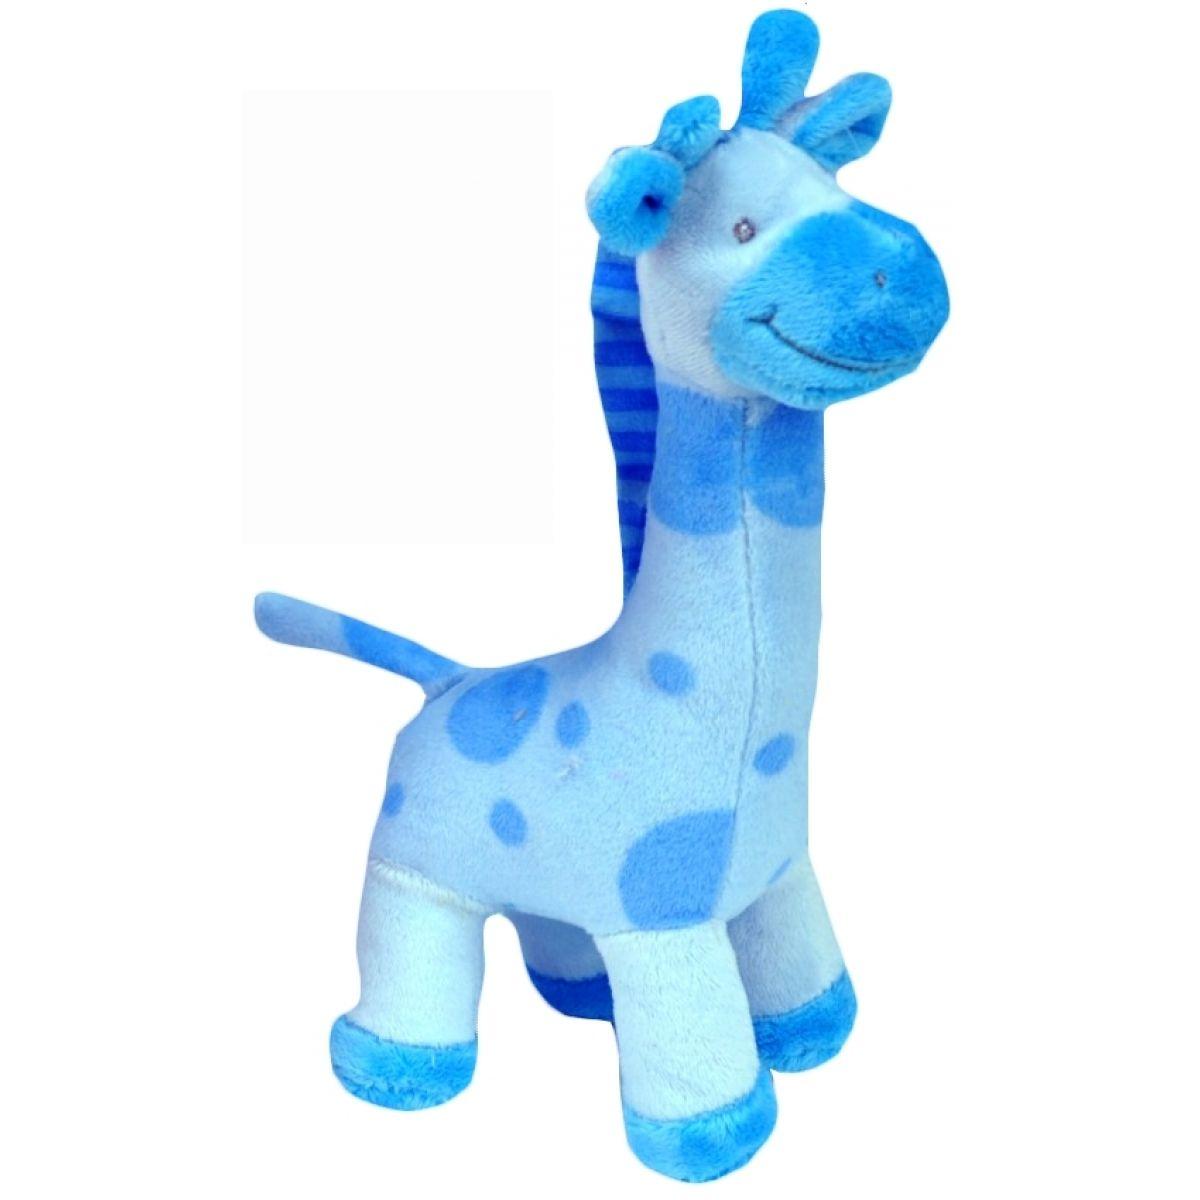 Plyšová žirafa stojící 24 cm - Modrá